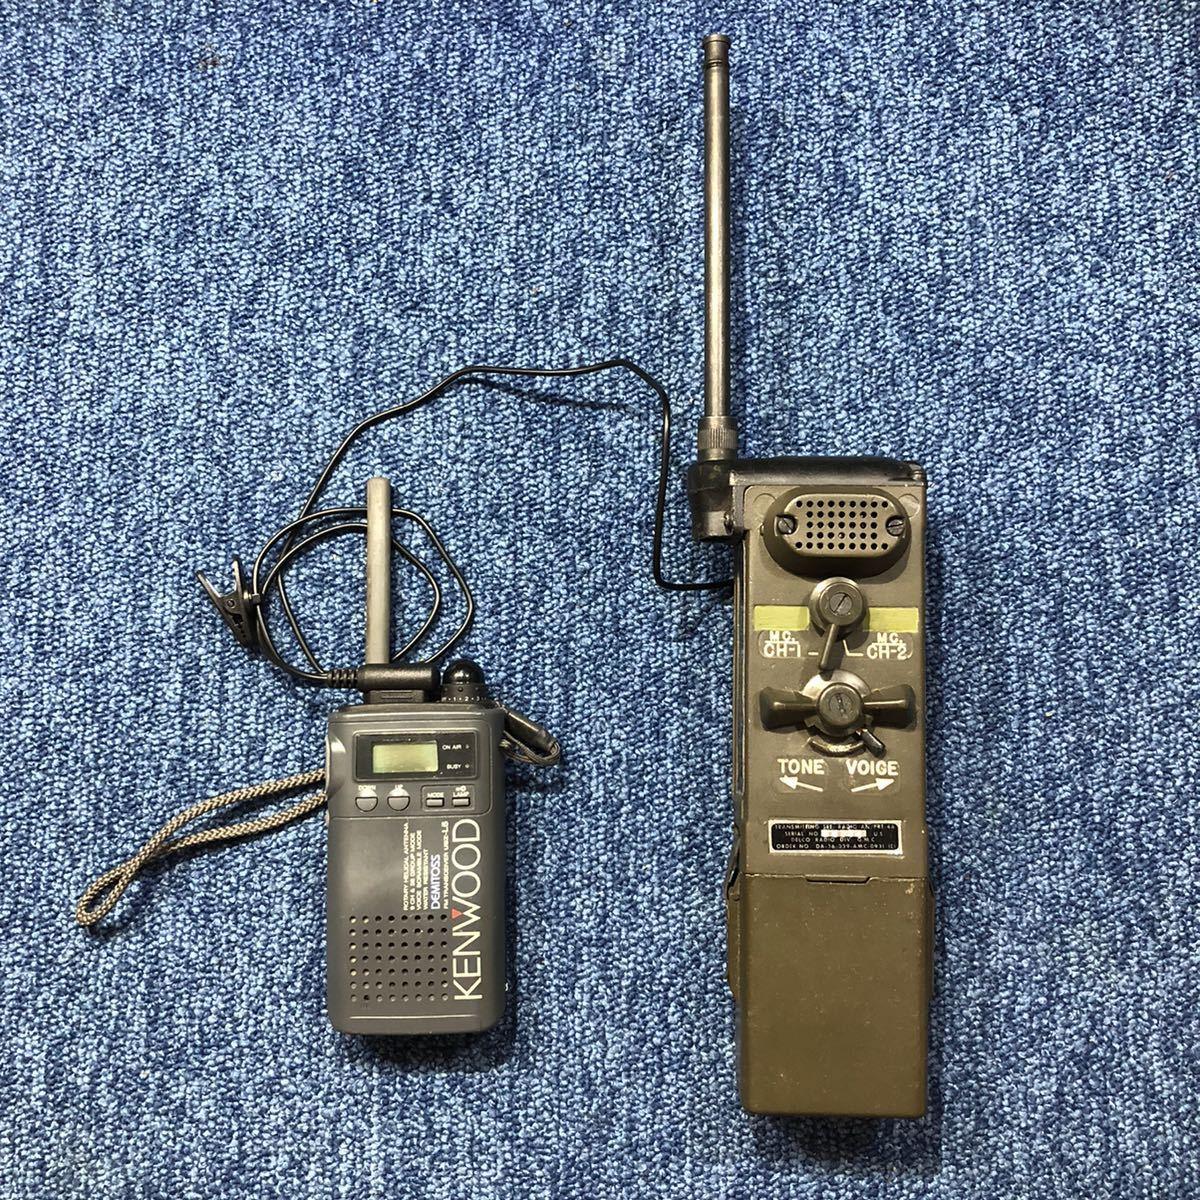 米軍用無線機 AN/PRT-4 特小対応化済み (PRC-25、PRC-77 等の無線機の代用に)